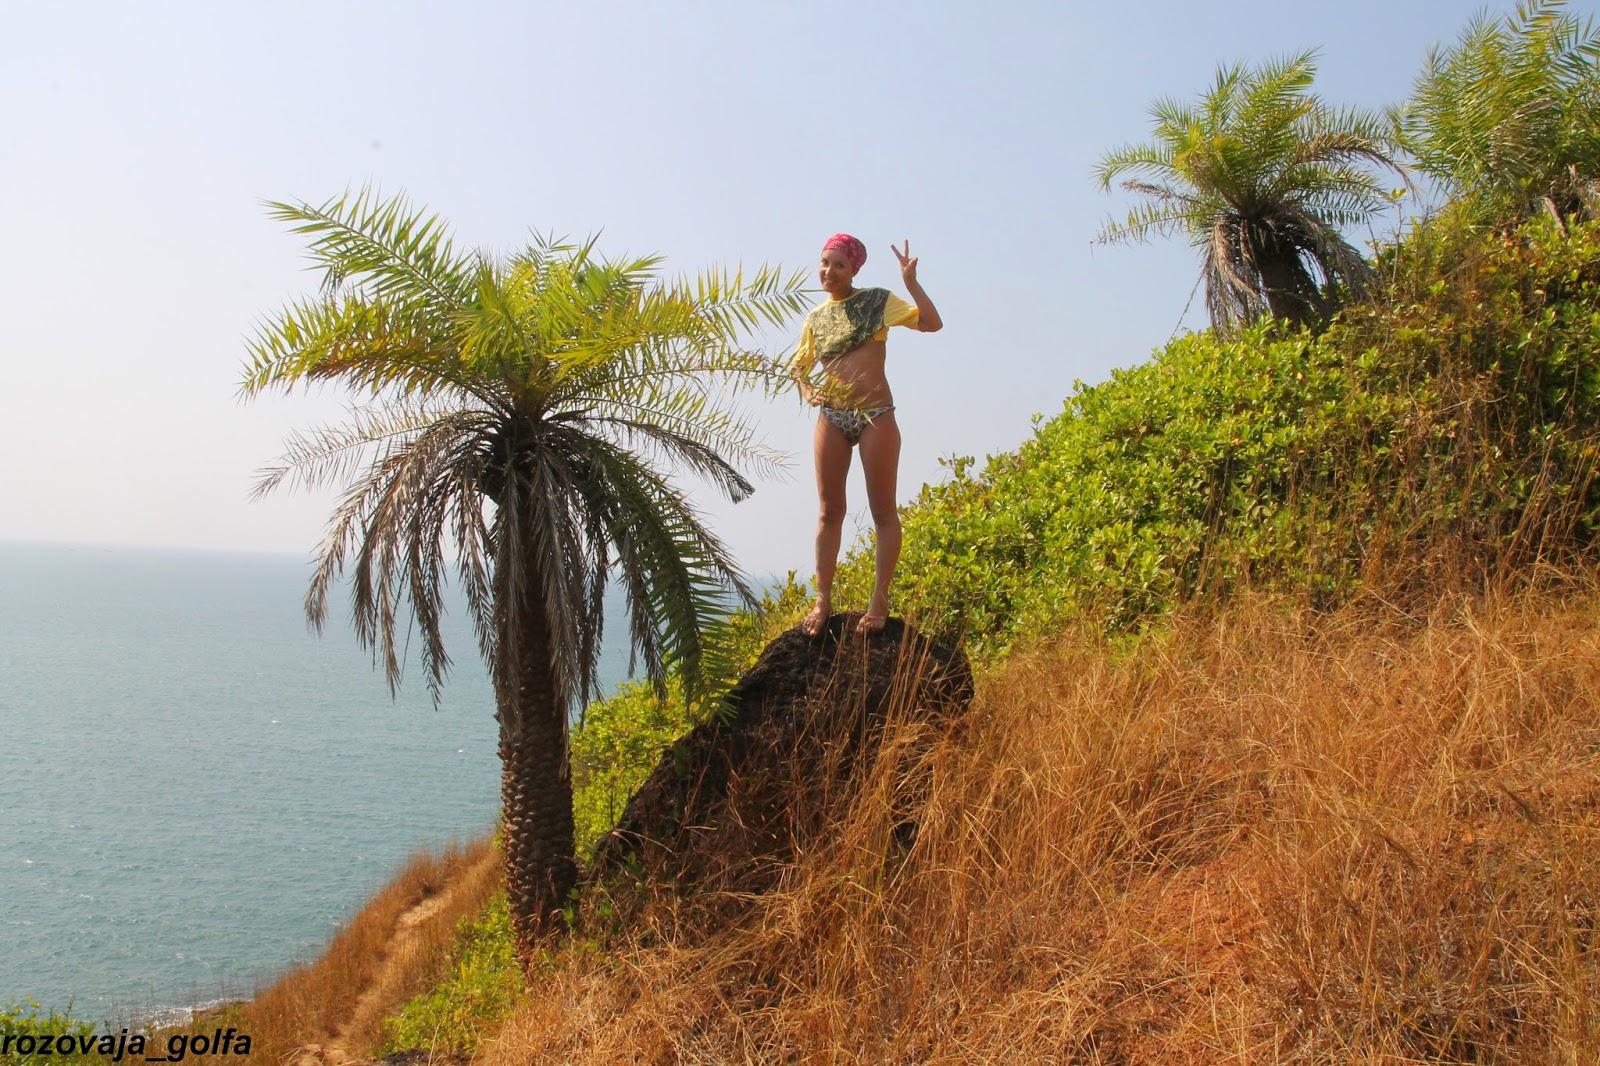 Смотрите как развлекают себя девушки в деревне 1 фотография